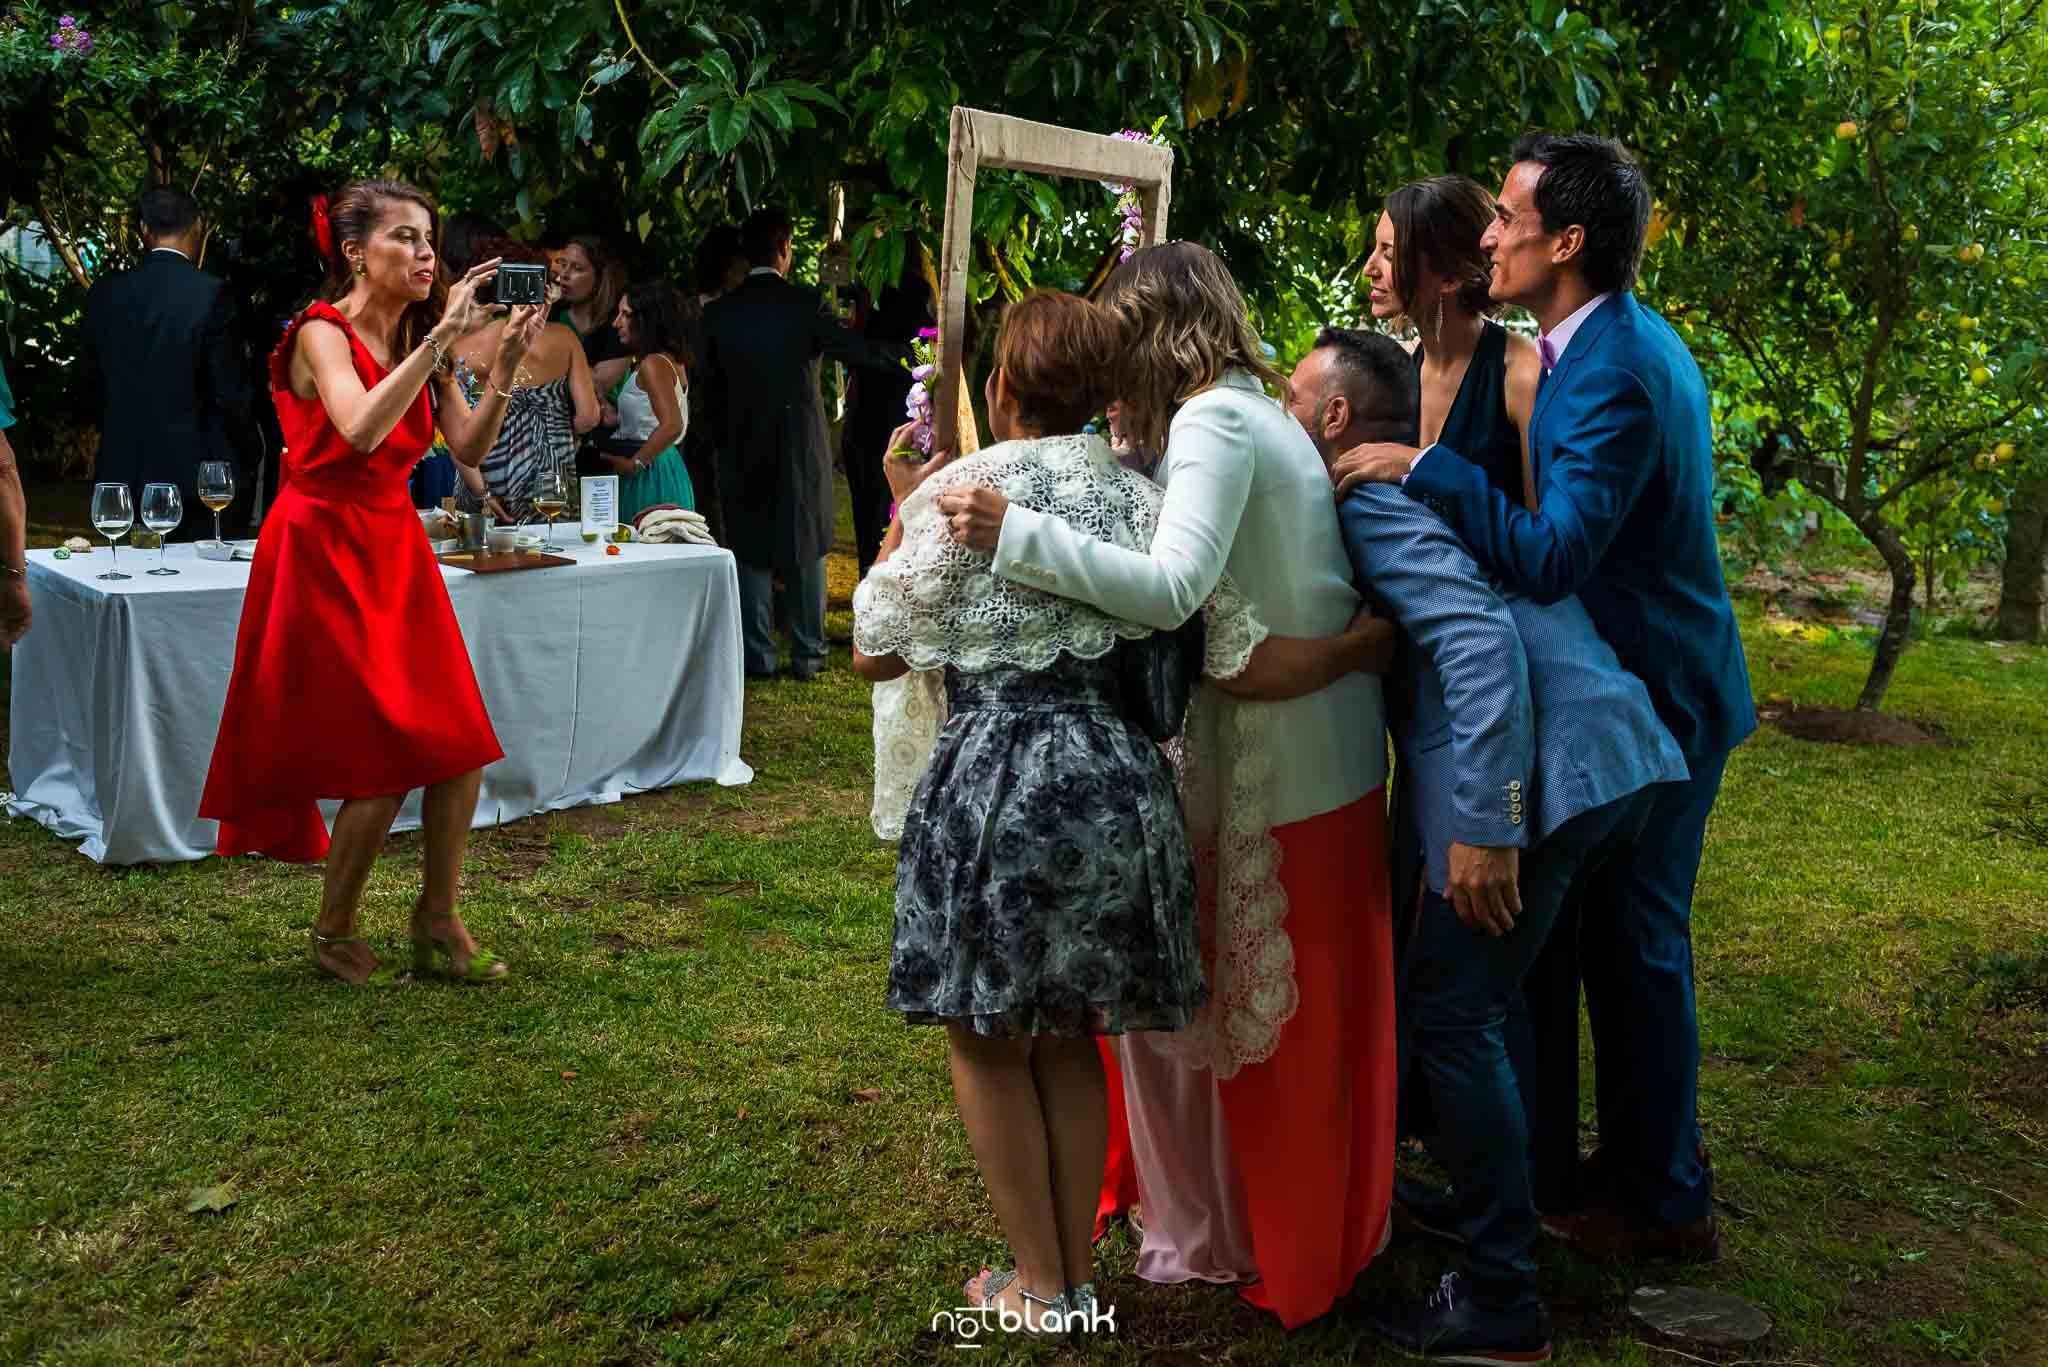 Boda En El Jardin De Casa Jana y Fran - La hermana de la novia con un vestido rojo hace una foto con un telefono movil a varios invitados - Notblank Fotografos de boda